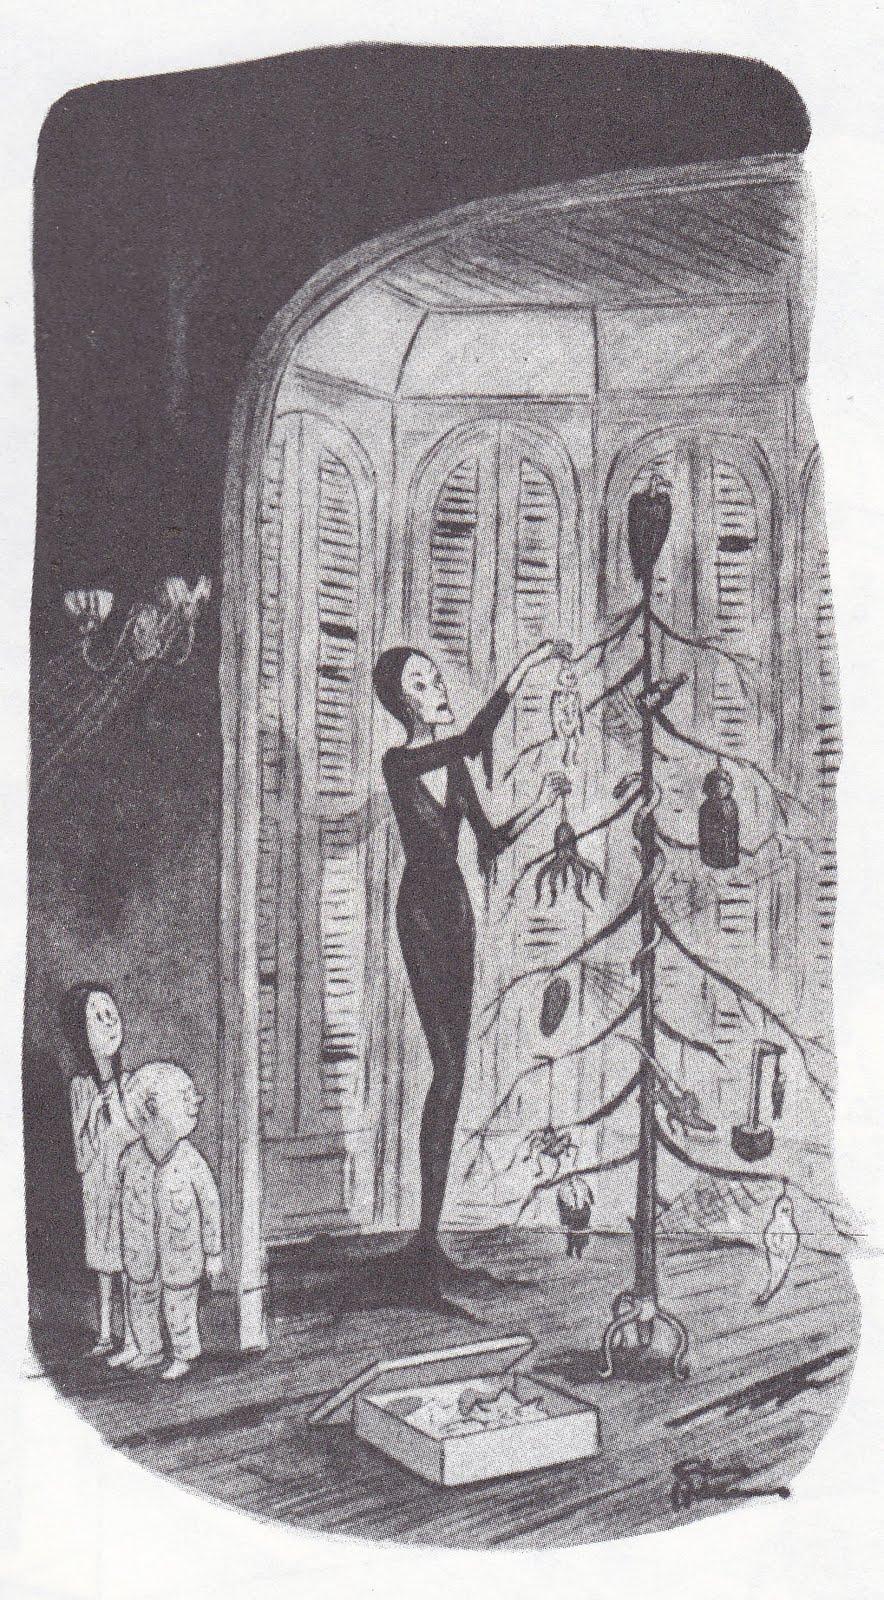 All About Christmas Charles Addams Christmas Cartoons